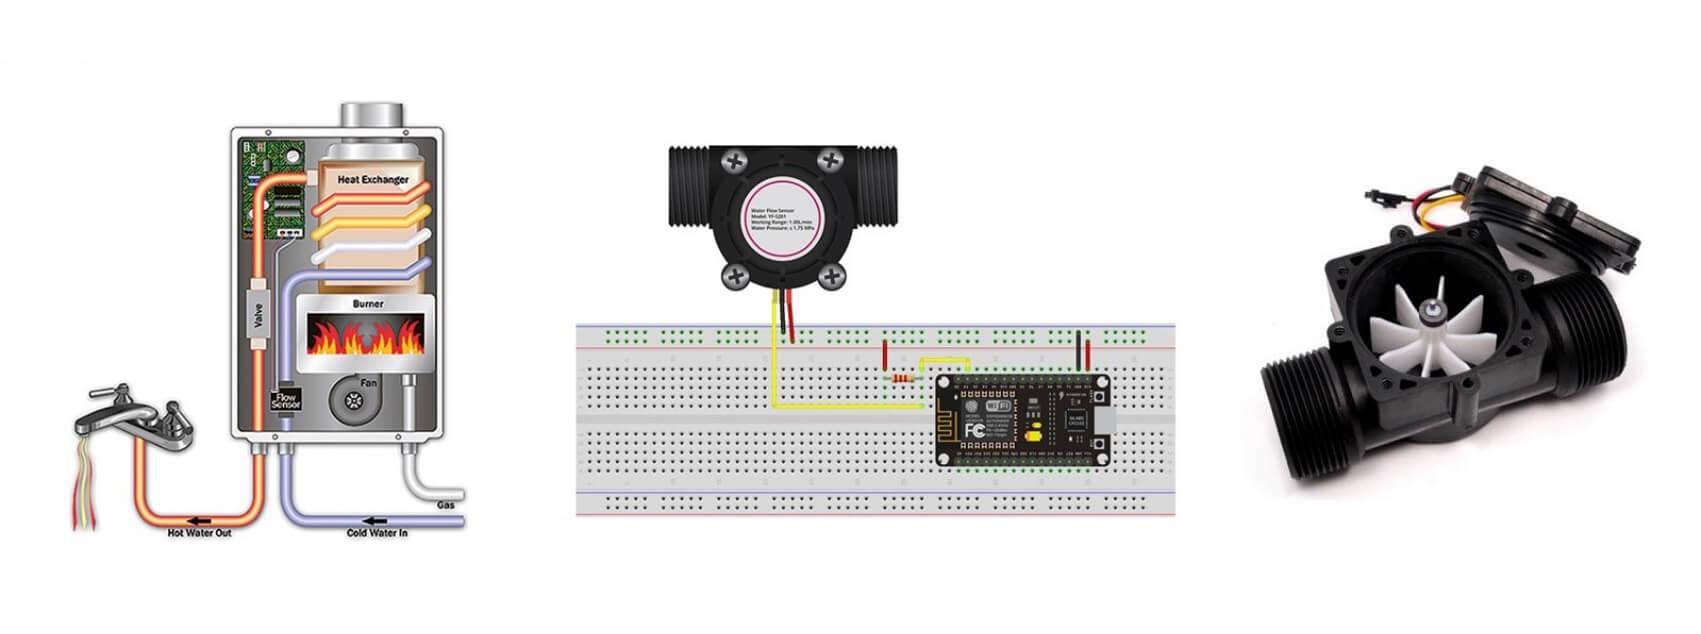 Imanes de sensor de flujo de agua-1